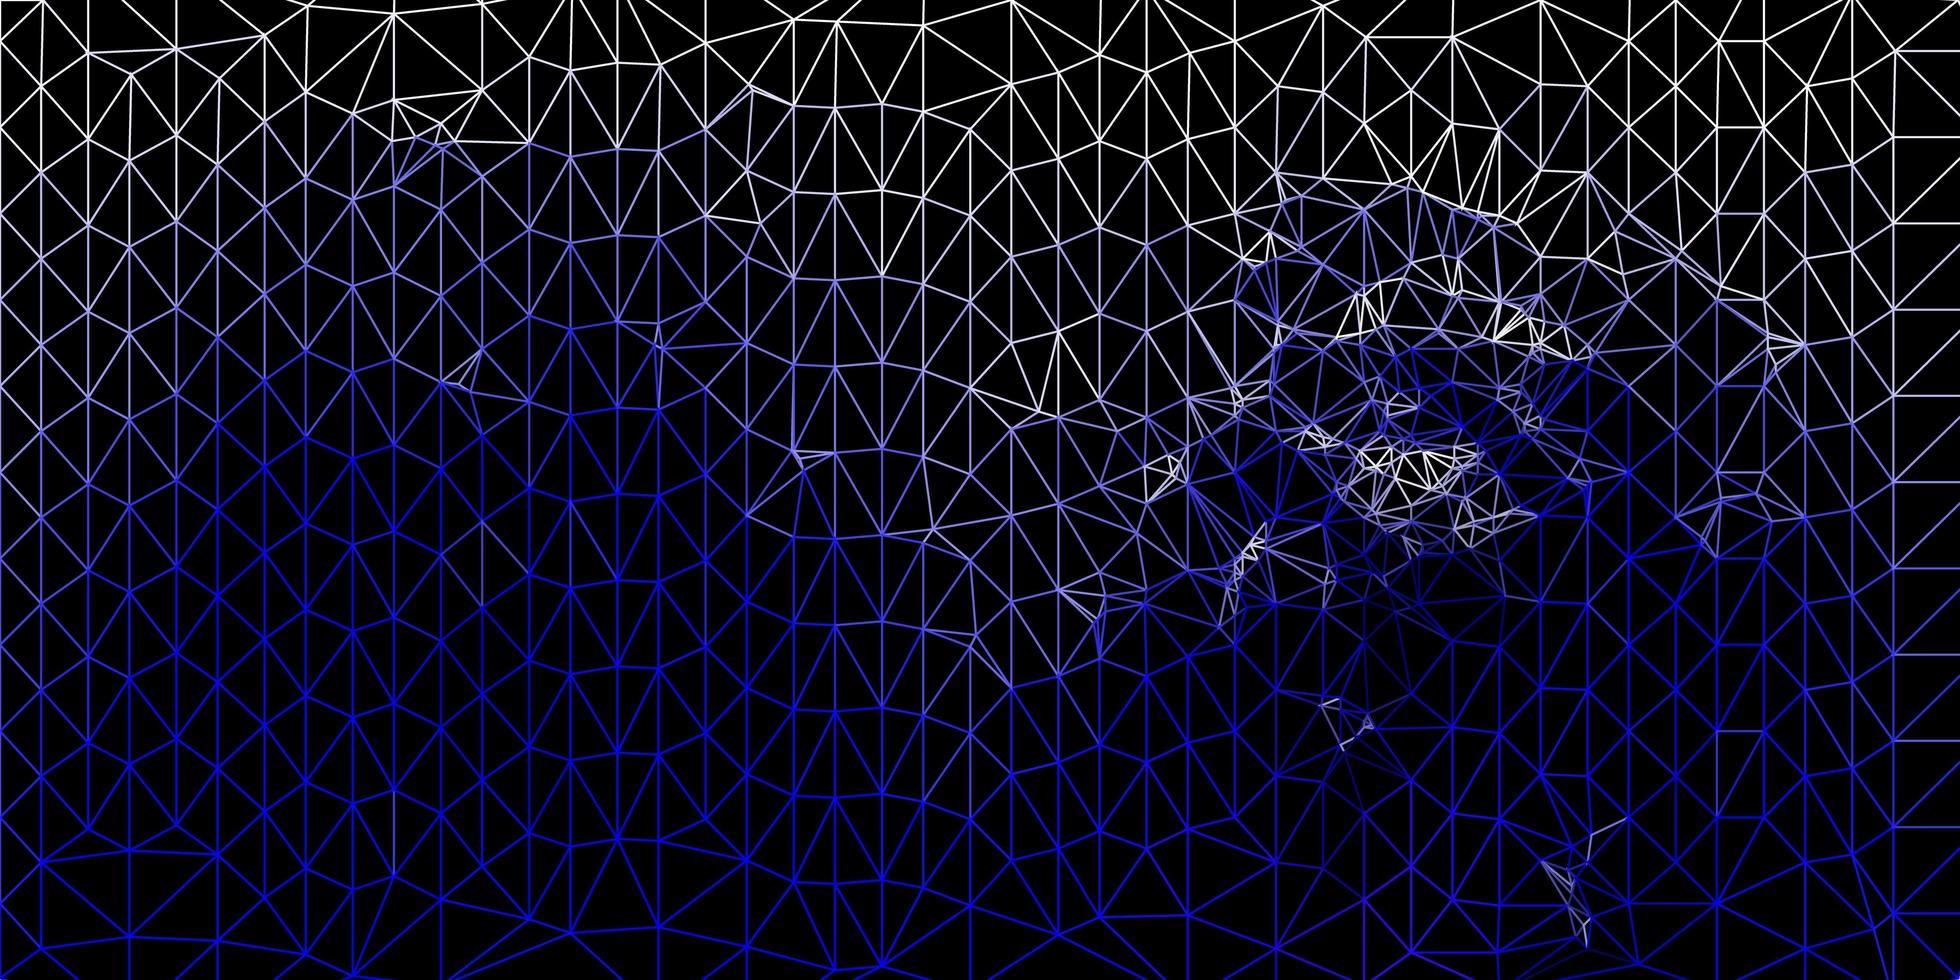 fundo azul escuro do mosaico do triângulo do vetor. vetor